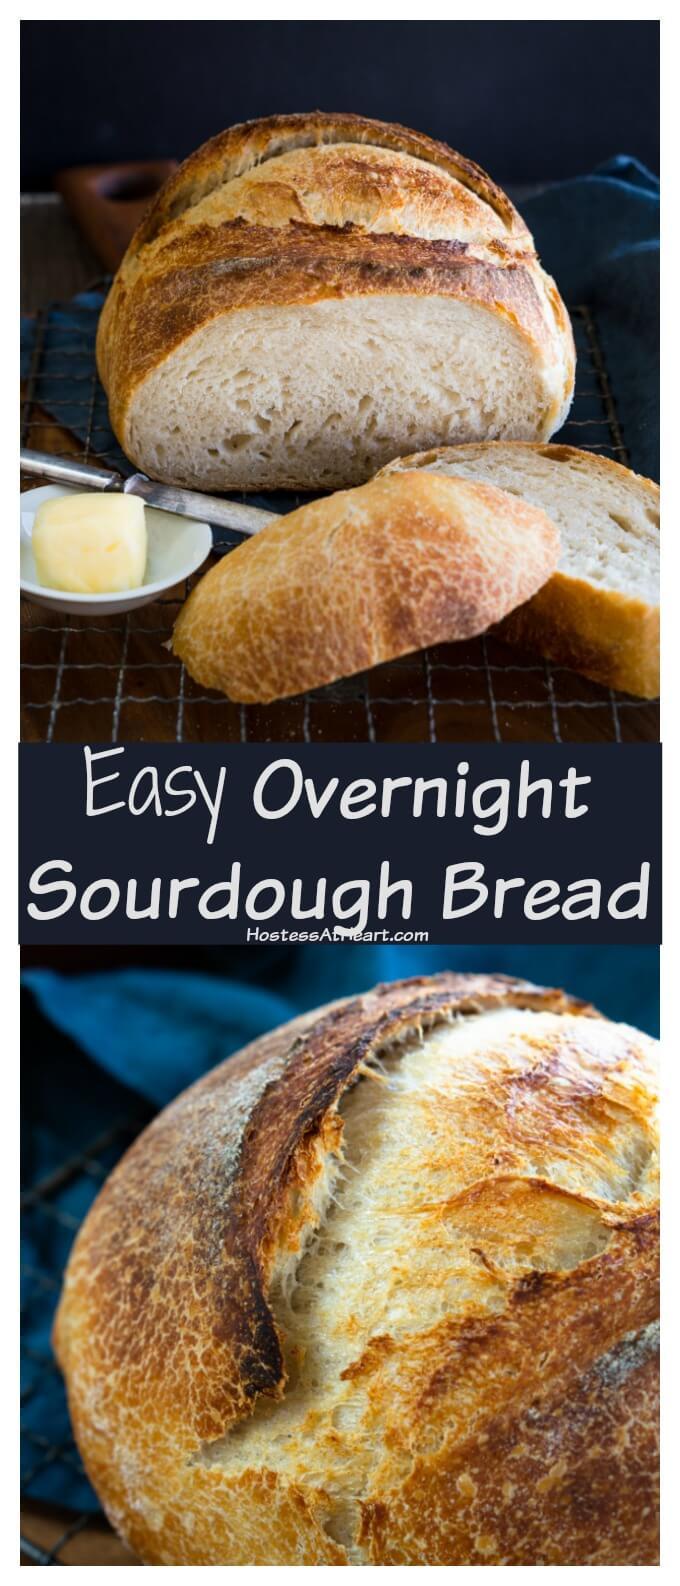 Overnight Sourdough Bread Recipe Perfect For Beginners